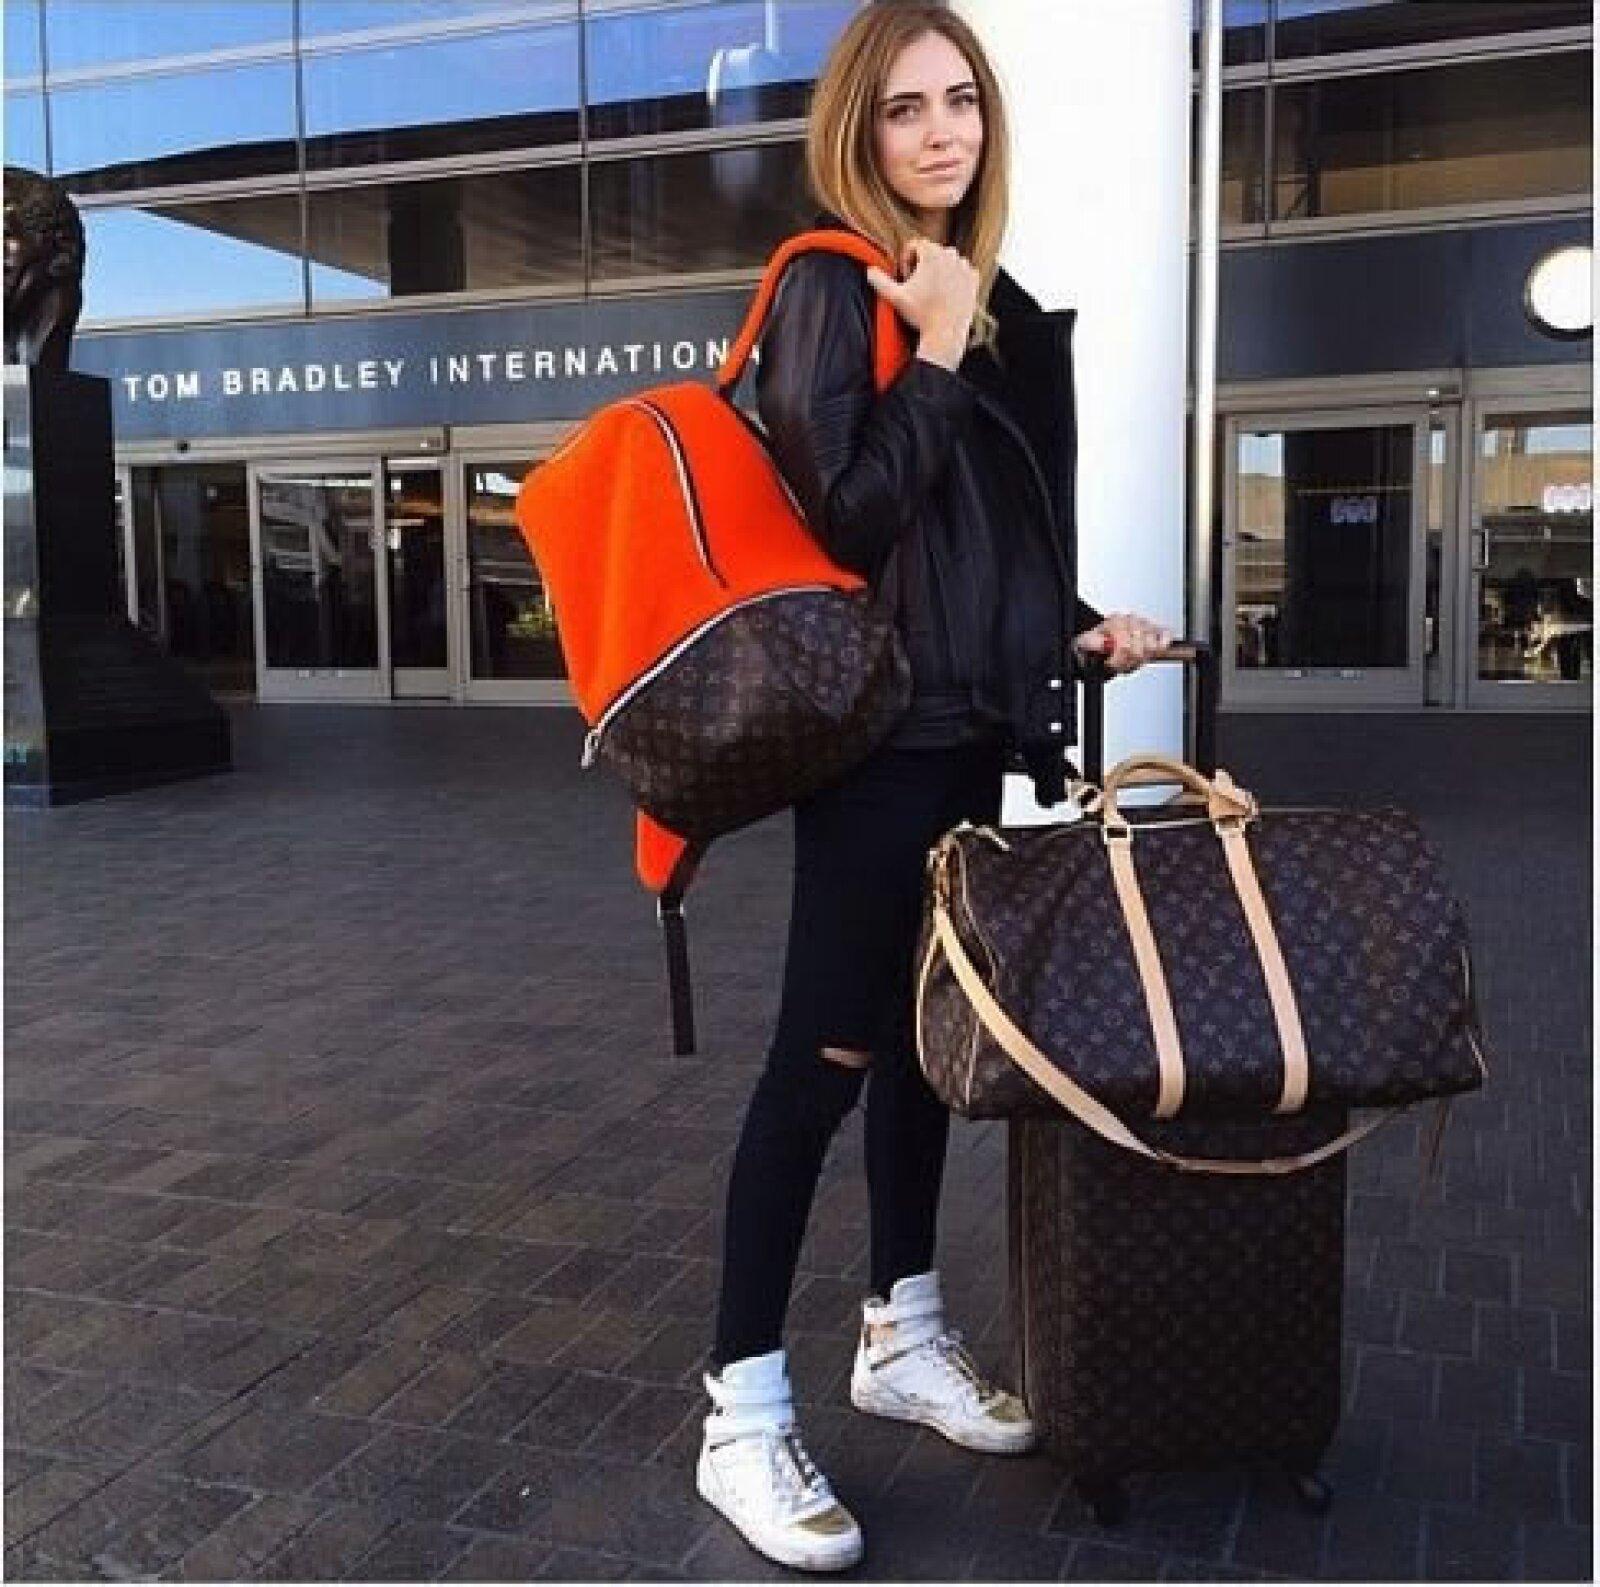 Para su viaje a Hong Kong, la blogger presumió los tenis Cameron de su colección homónima y los combinó con unos jeans J Brand, una chamarra de piel Iros Paris y la mochila de shearling que Marc Newson diseñó para el 160 aniversario del monograma de Louis Vuitton.